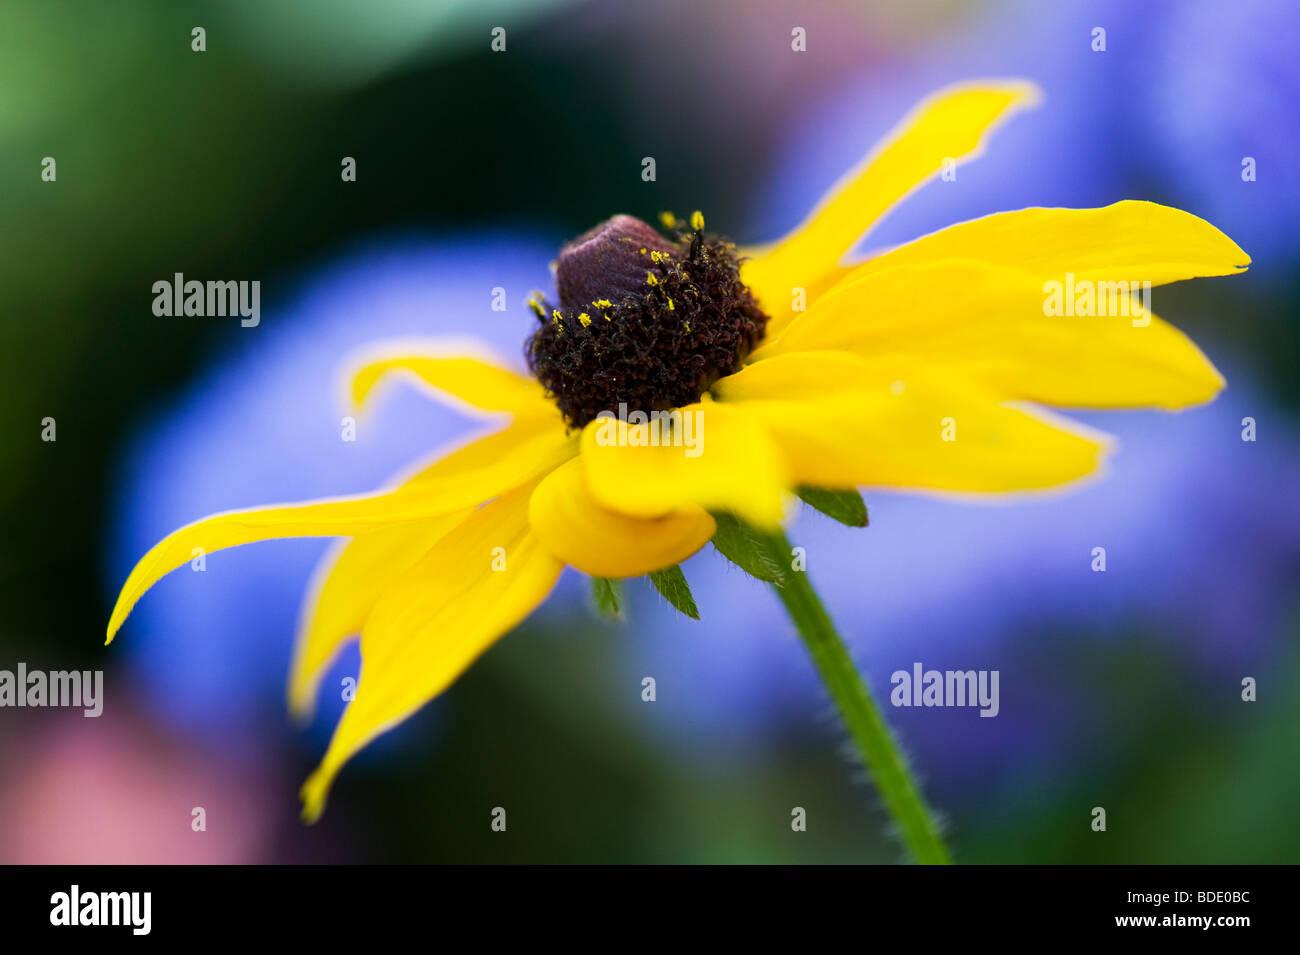 Rudbeckia fulgida Goldsturm contre fleur fond bleu dans un jardin Banque D'Images